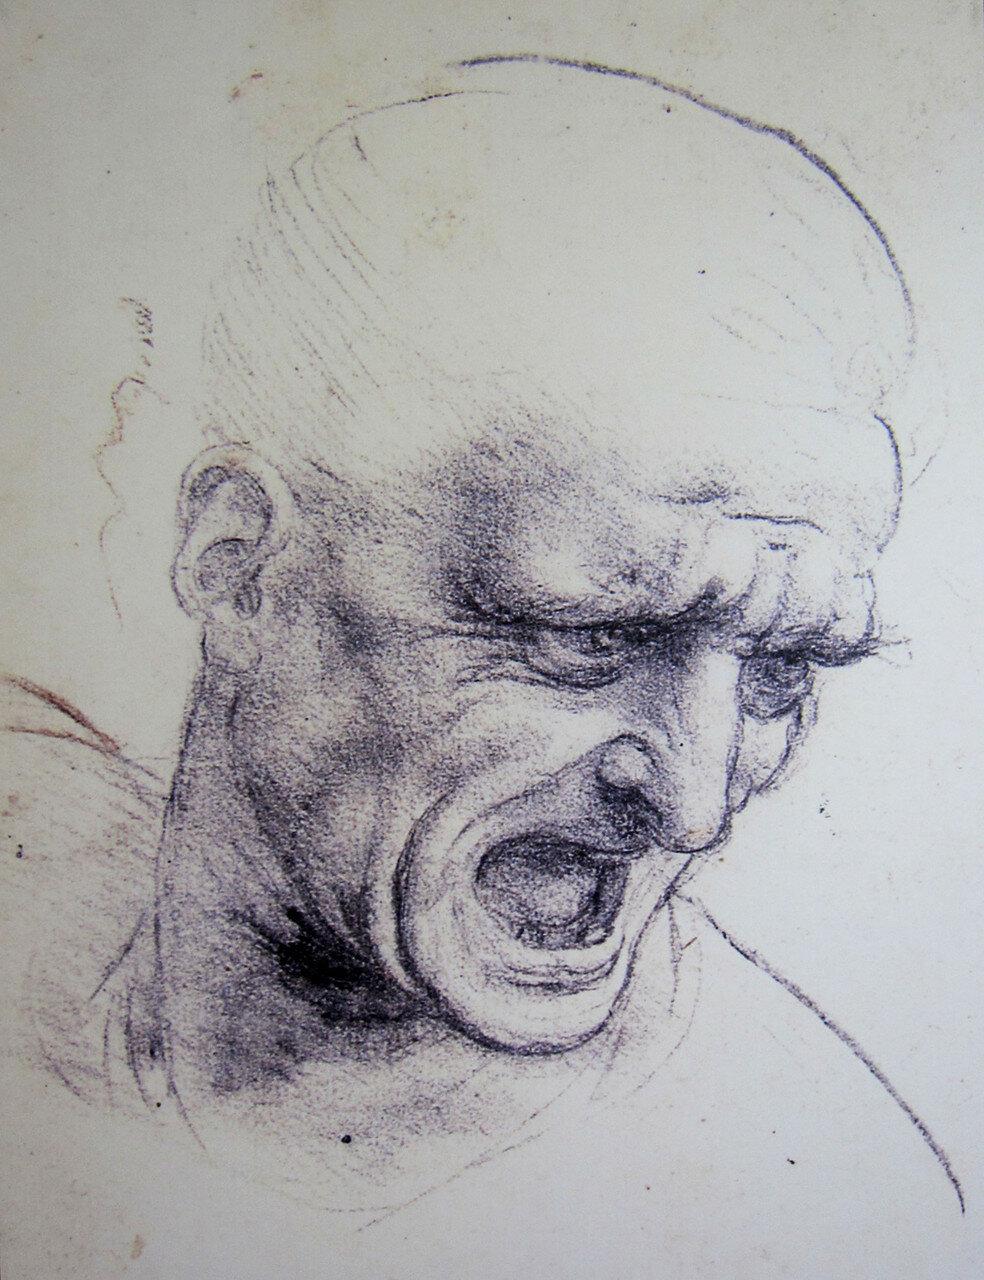 152_Битва при Ангиари, кричащий человек.jpg